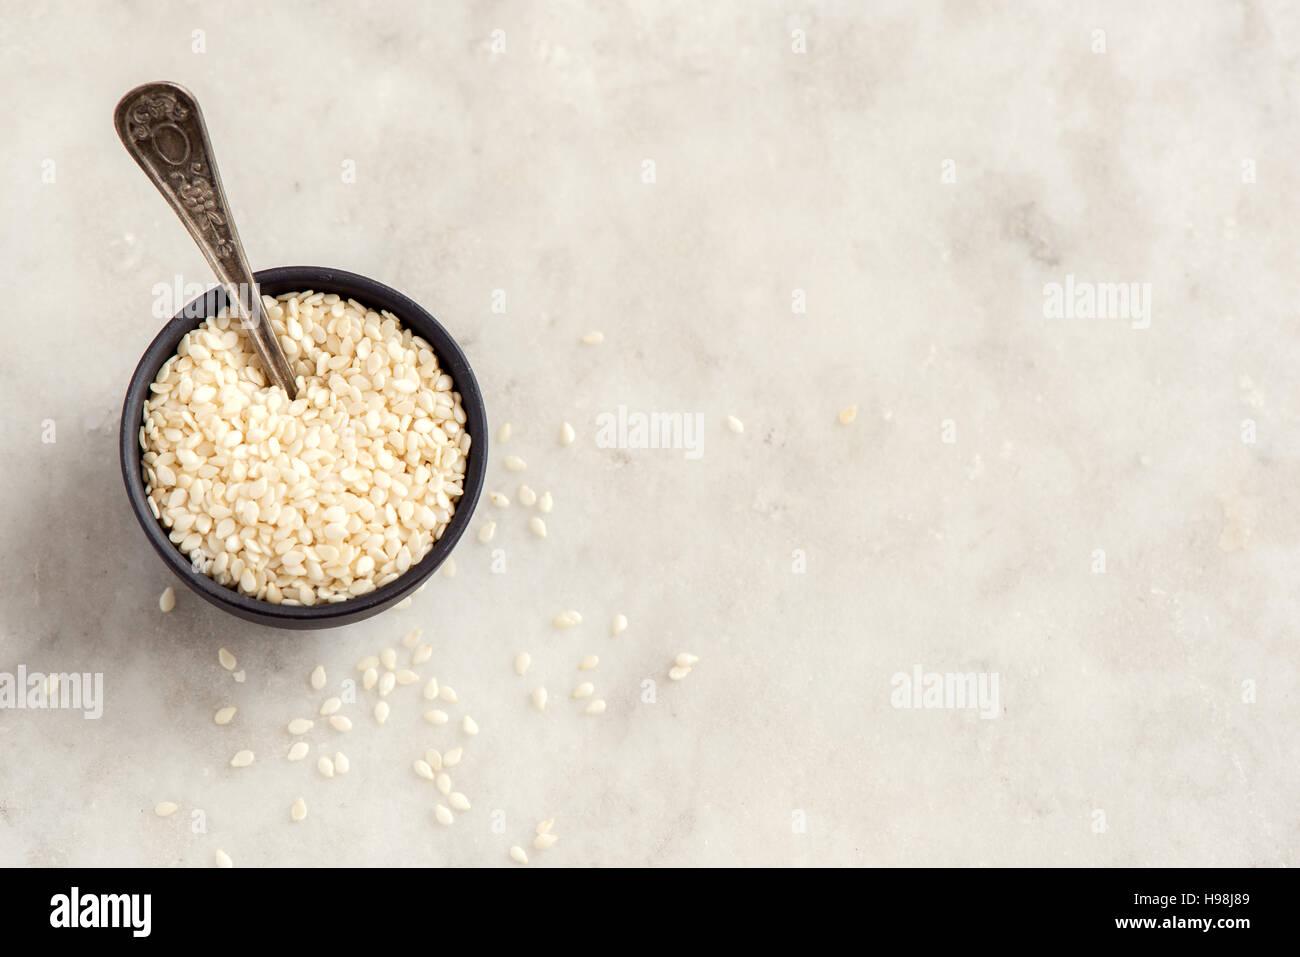 Graines de sésame dans le bol sur fond noir en blanc avec copie espace - Alimentation saine ingrédient Photo Stock